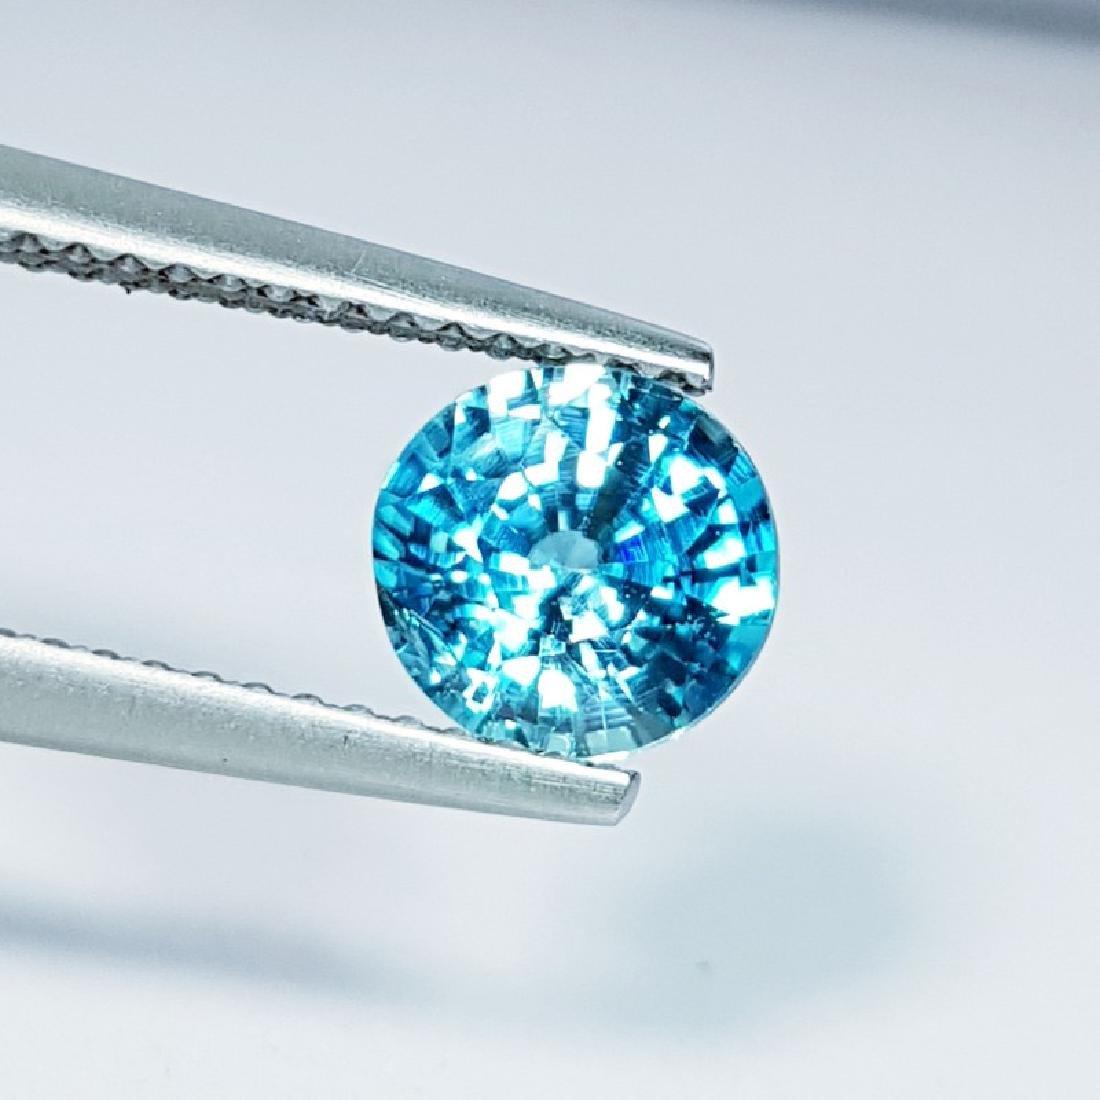 IGI CERTIFIED Natural Blue Zircon - 1.73 ct